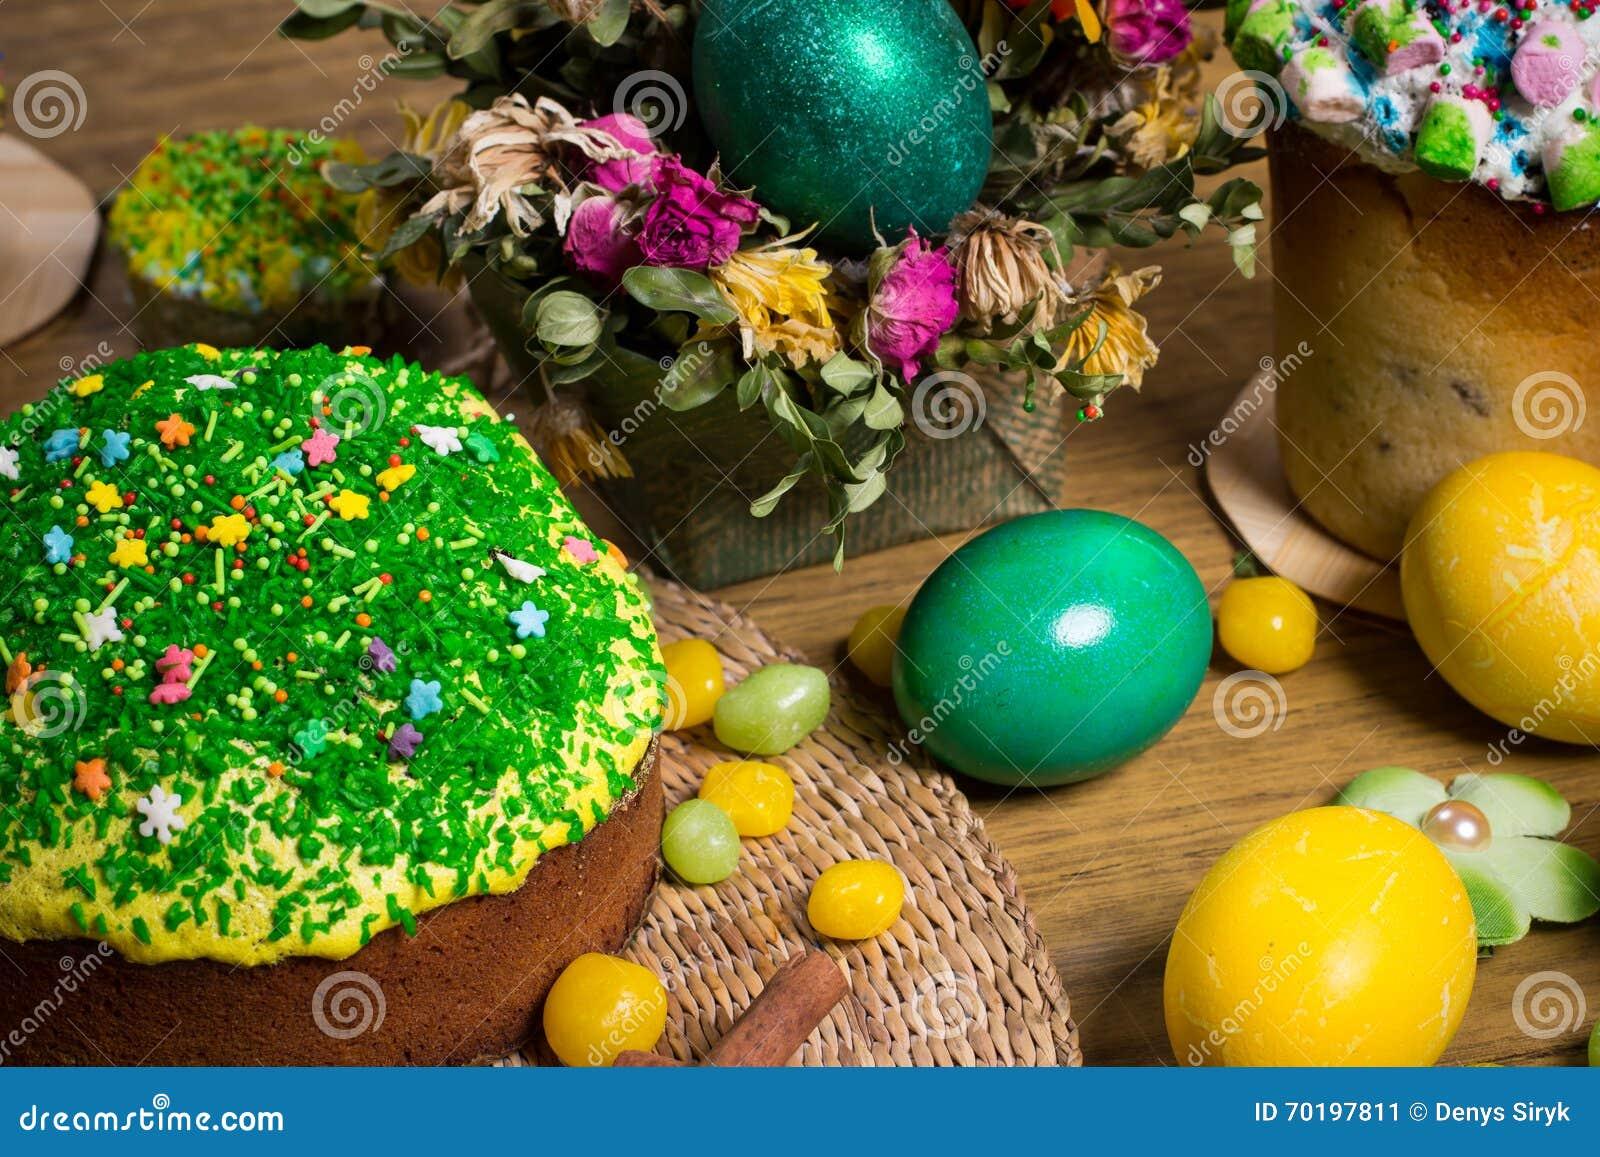 Påsk som firar familjmatställen, färgägg, kakor, fruktte, sötsaker